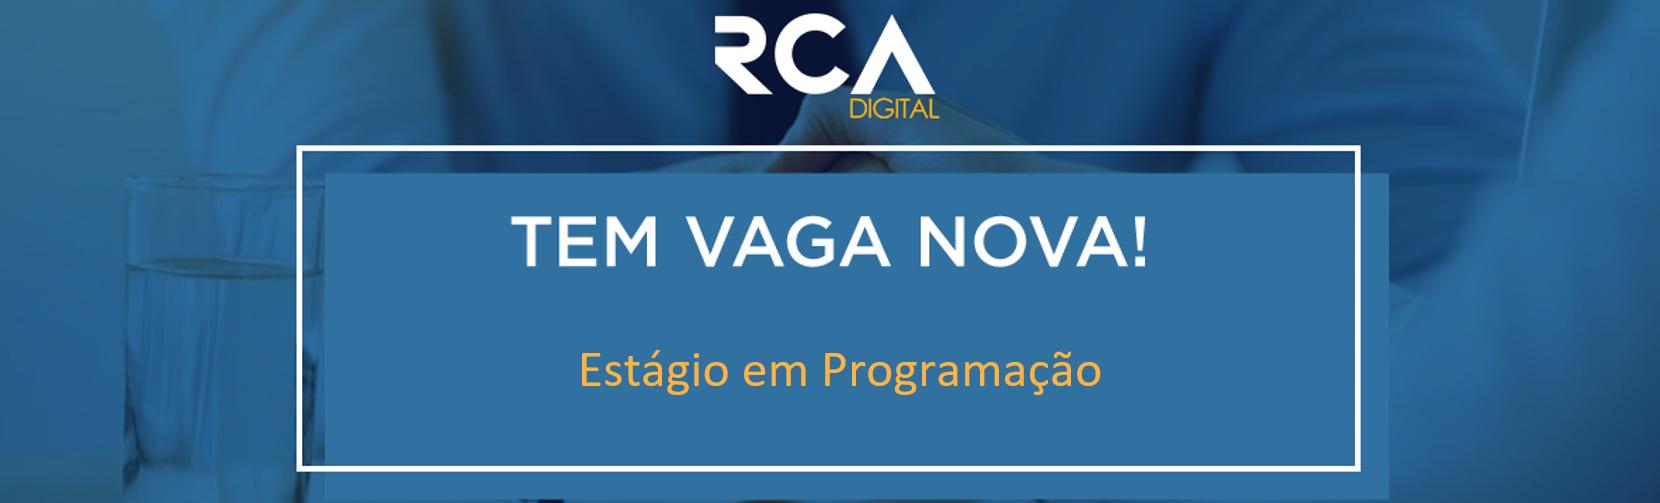 [RCA] - Estágio em Programação